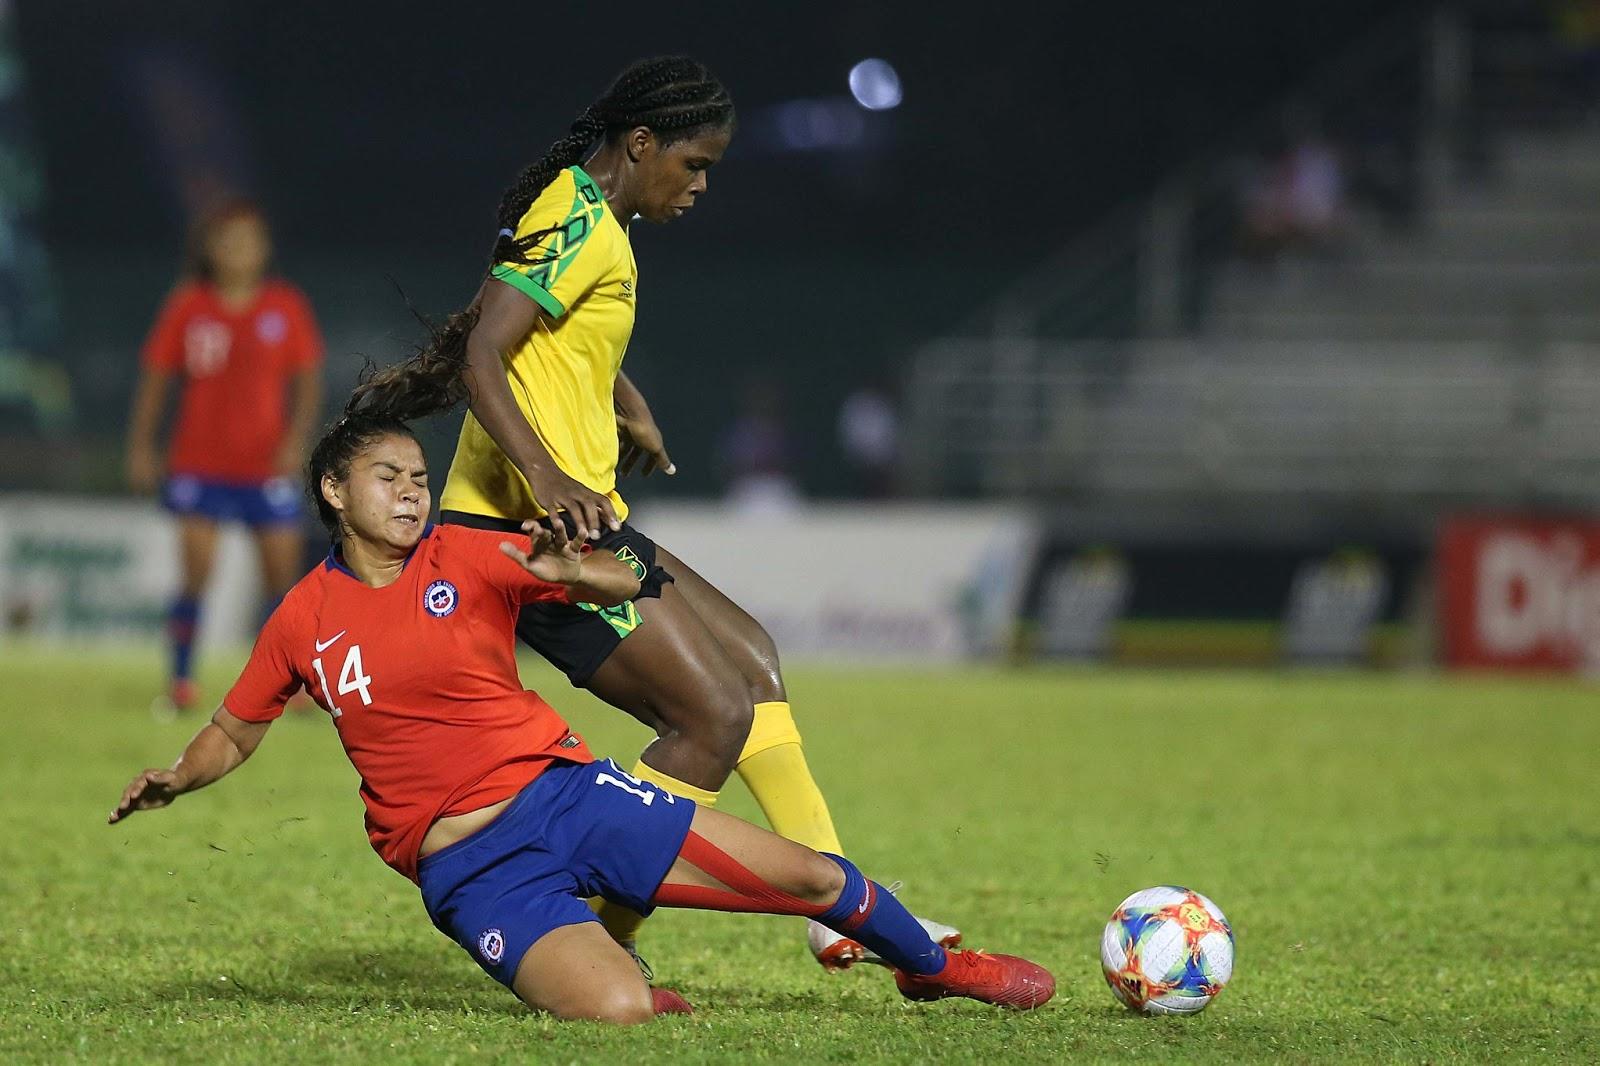 Jamaica y Chile en partido amistoso femenino, 3 de marzo de 2019